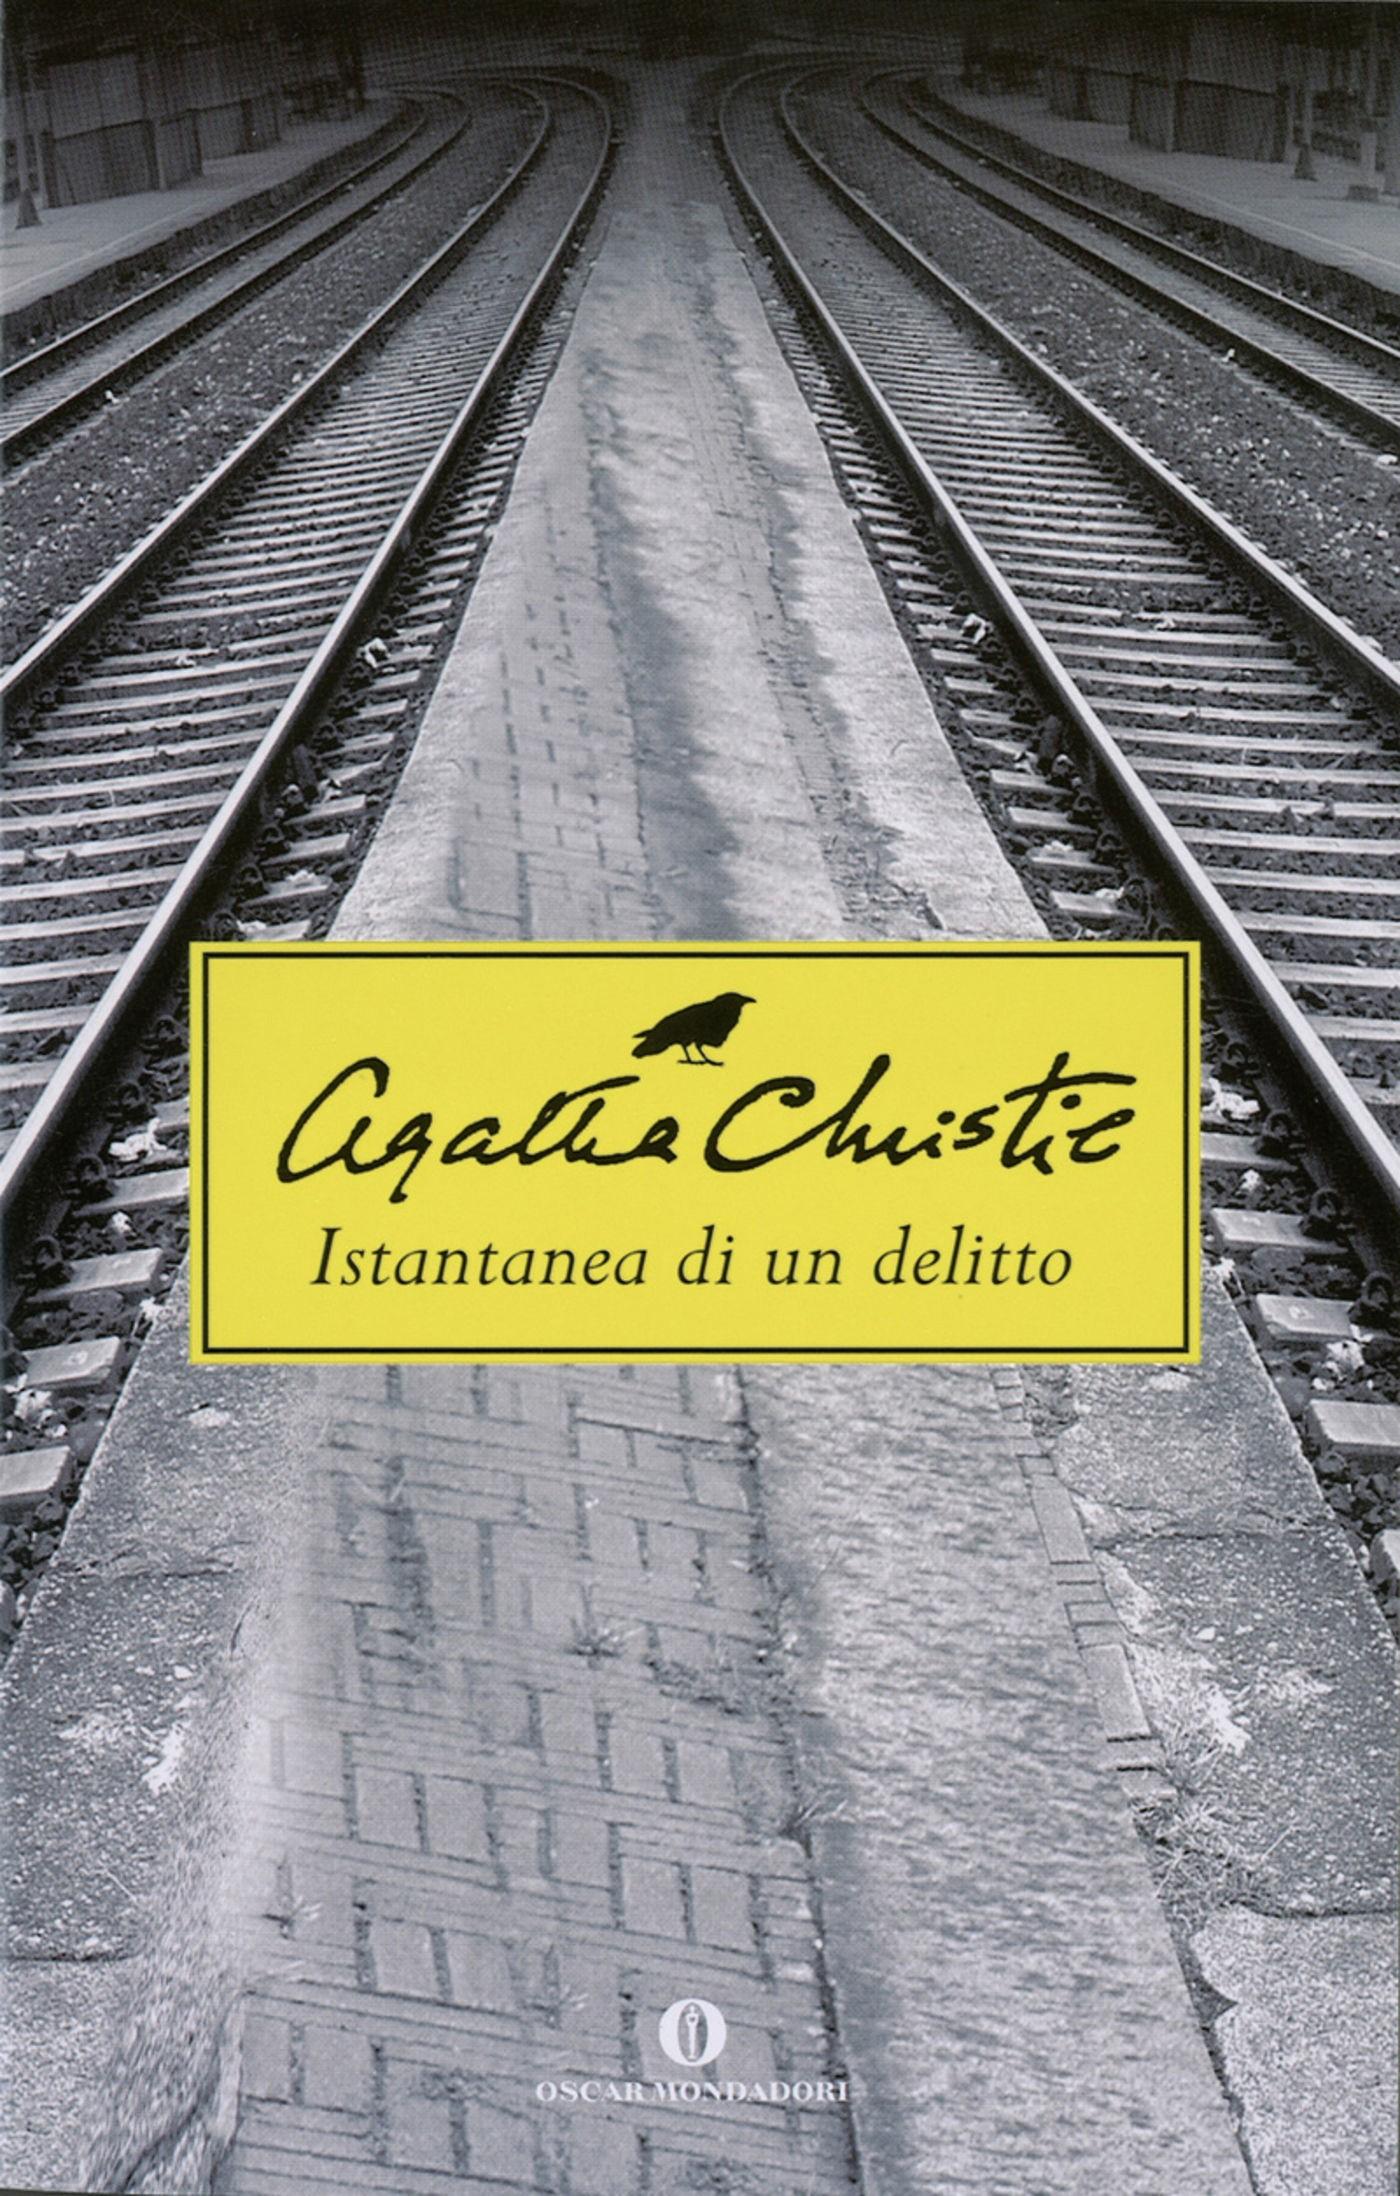 Agatha Christie, Istantanea di un delitto, Mondadori